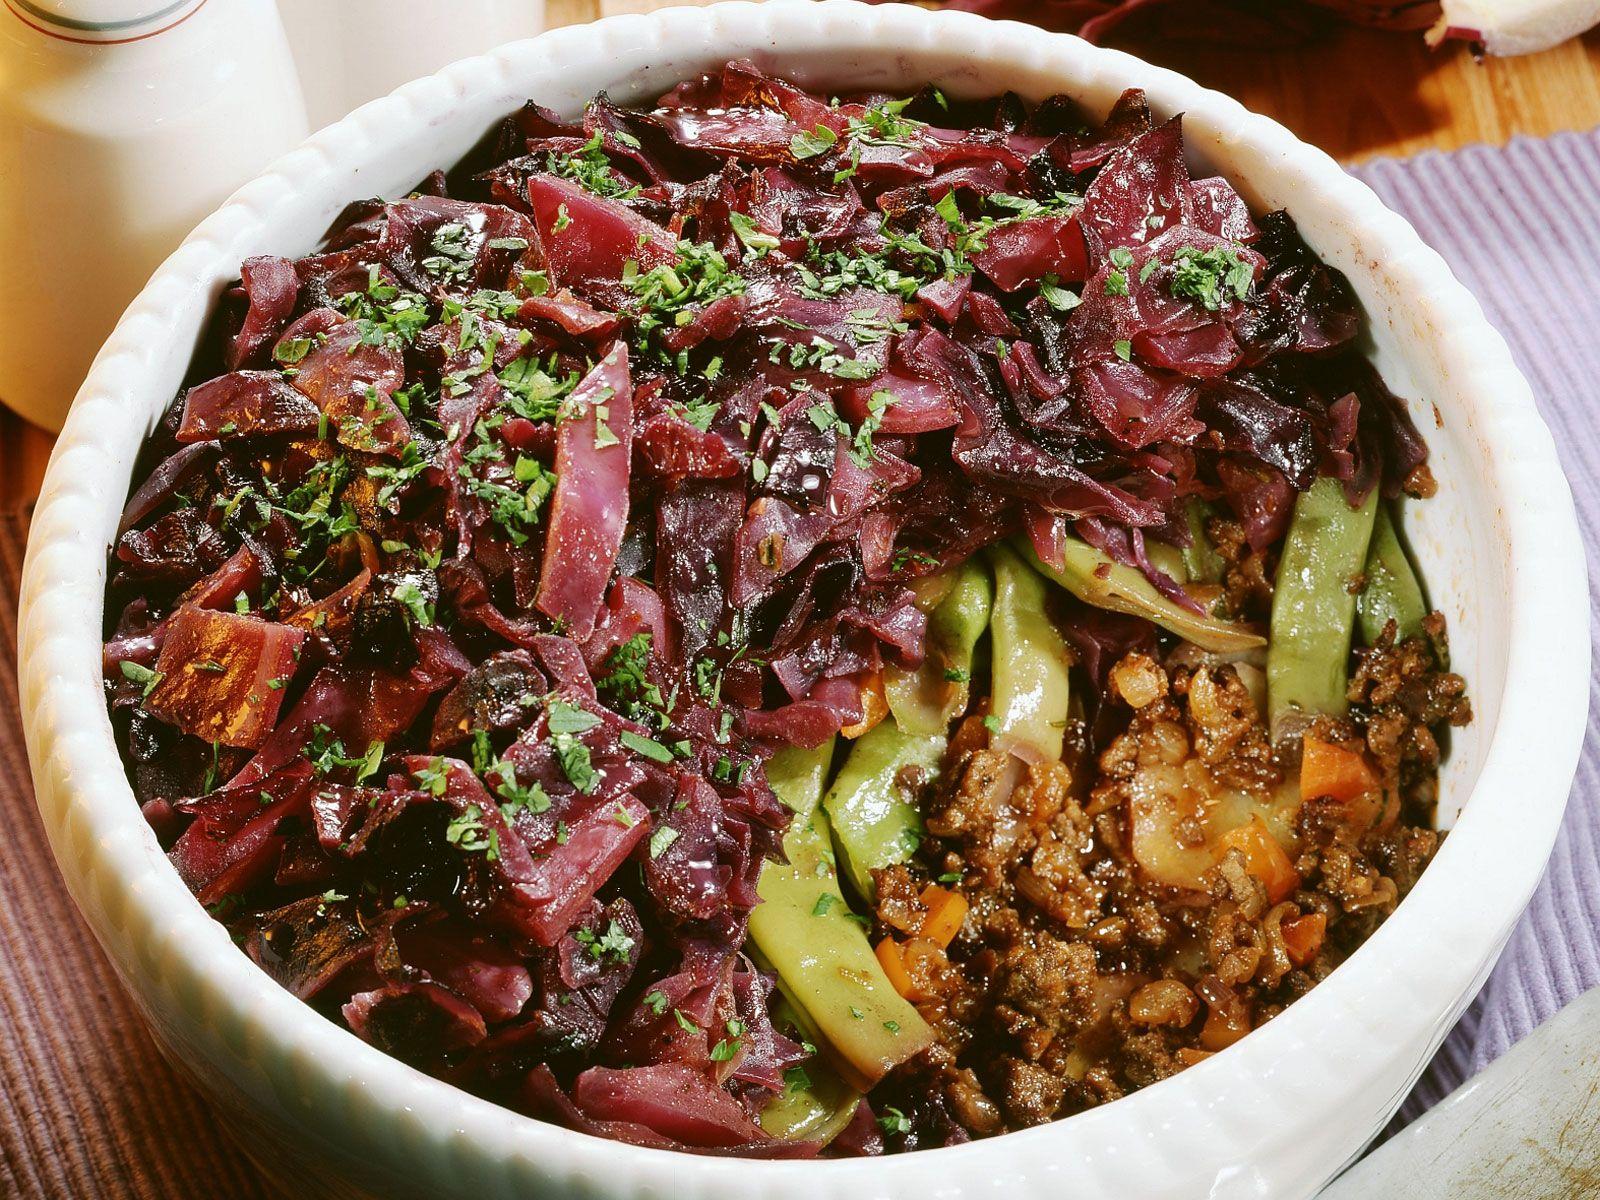 Auflauf Mit Hackfleisch Grunen Bohnen Und Rotkraut Rezept Eat Smarter